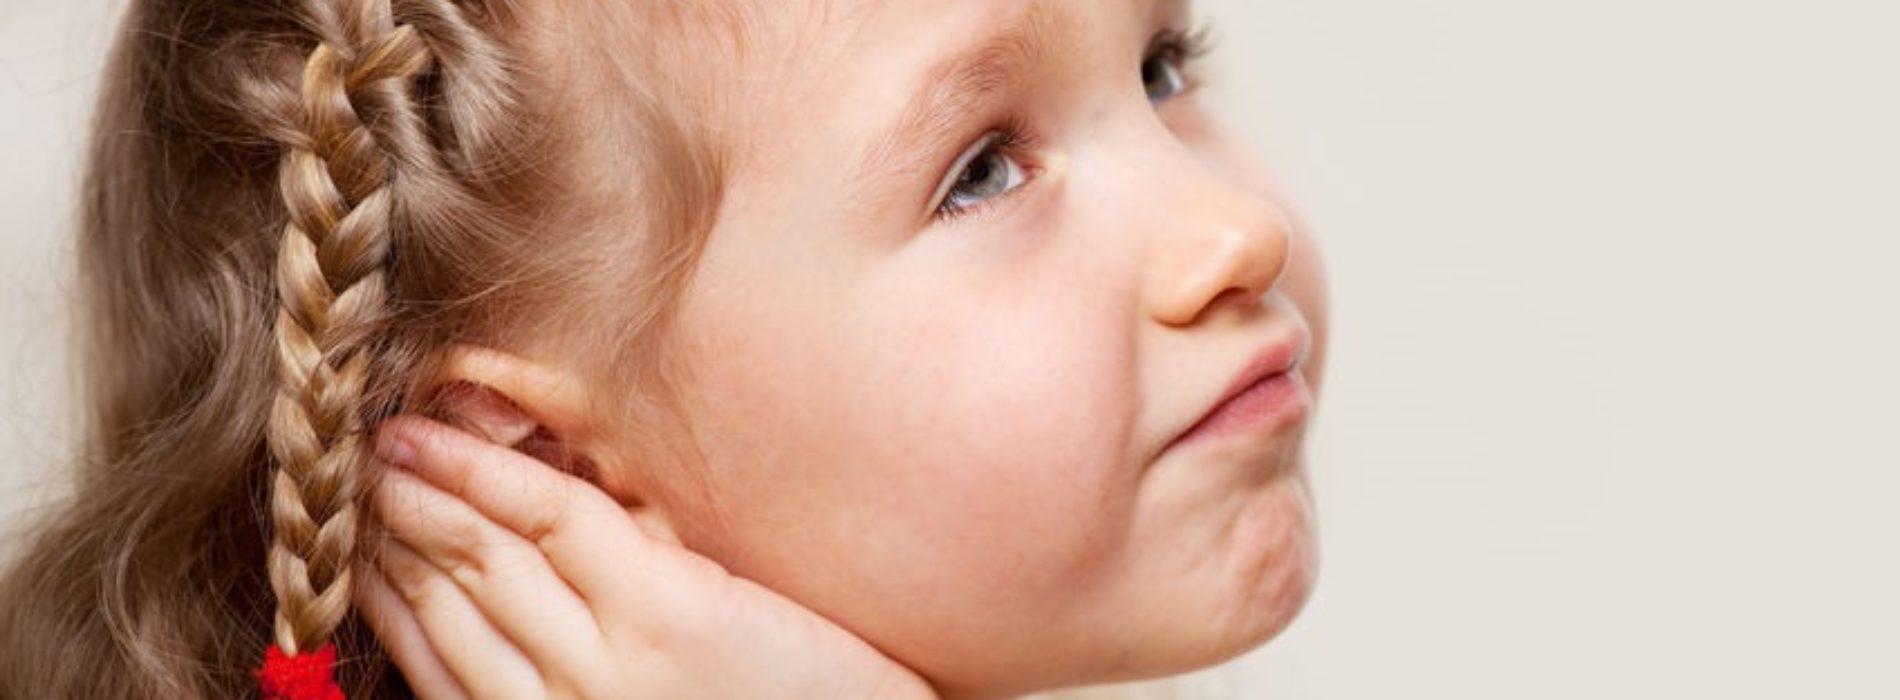 Zapalenie ucha – co to? Objawy, ile trwa i jak leczyć?